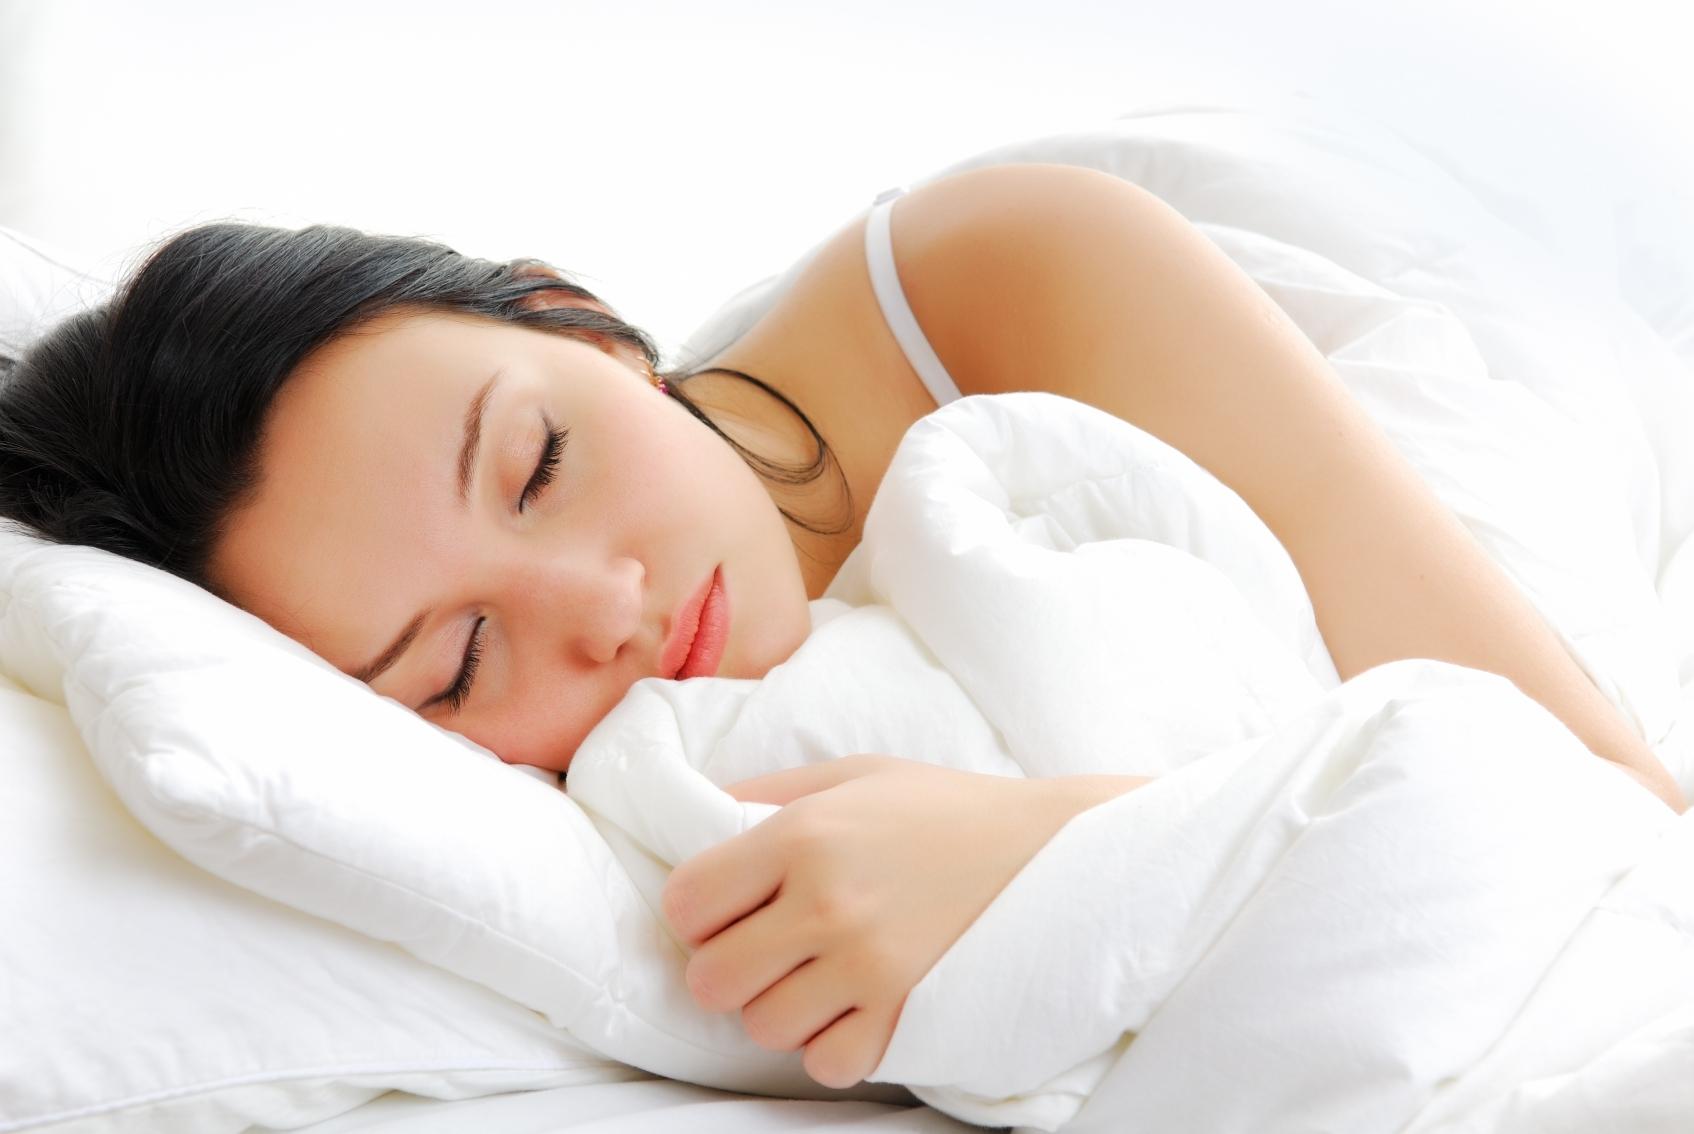 Muốn ngăn ngừa lão hóa, duy trì nhan sắc tươi trẻ lâu nhất có thể, phụ nữ chỉ cần có 5 thói quen này mỗi ngày - Ảnh 4